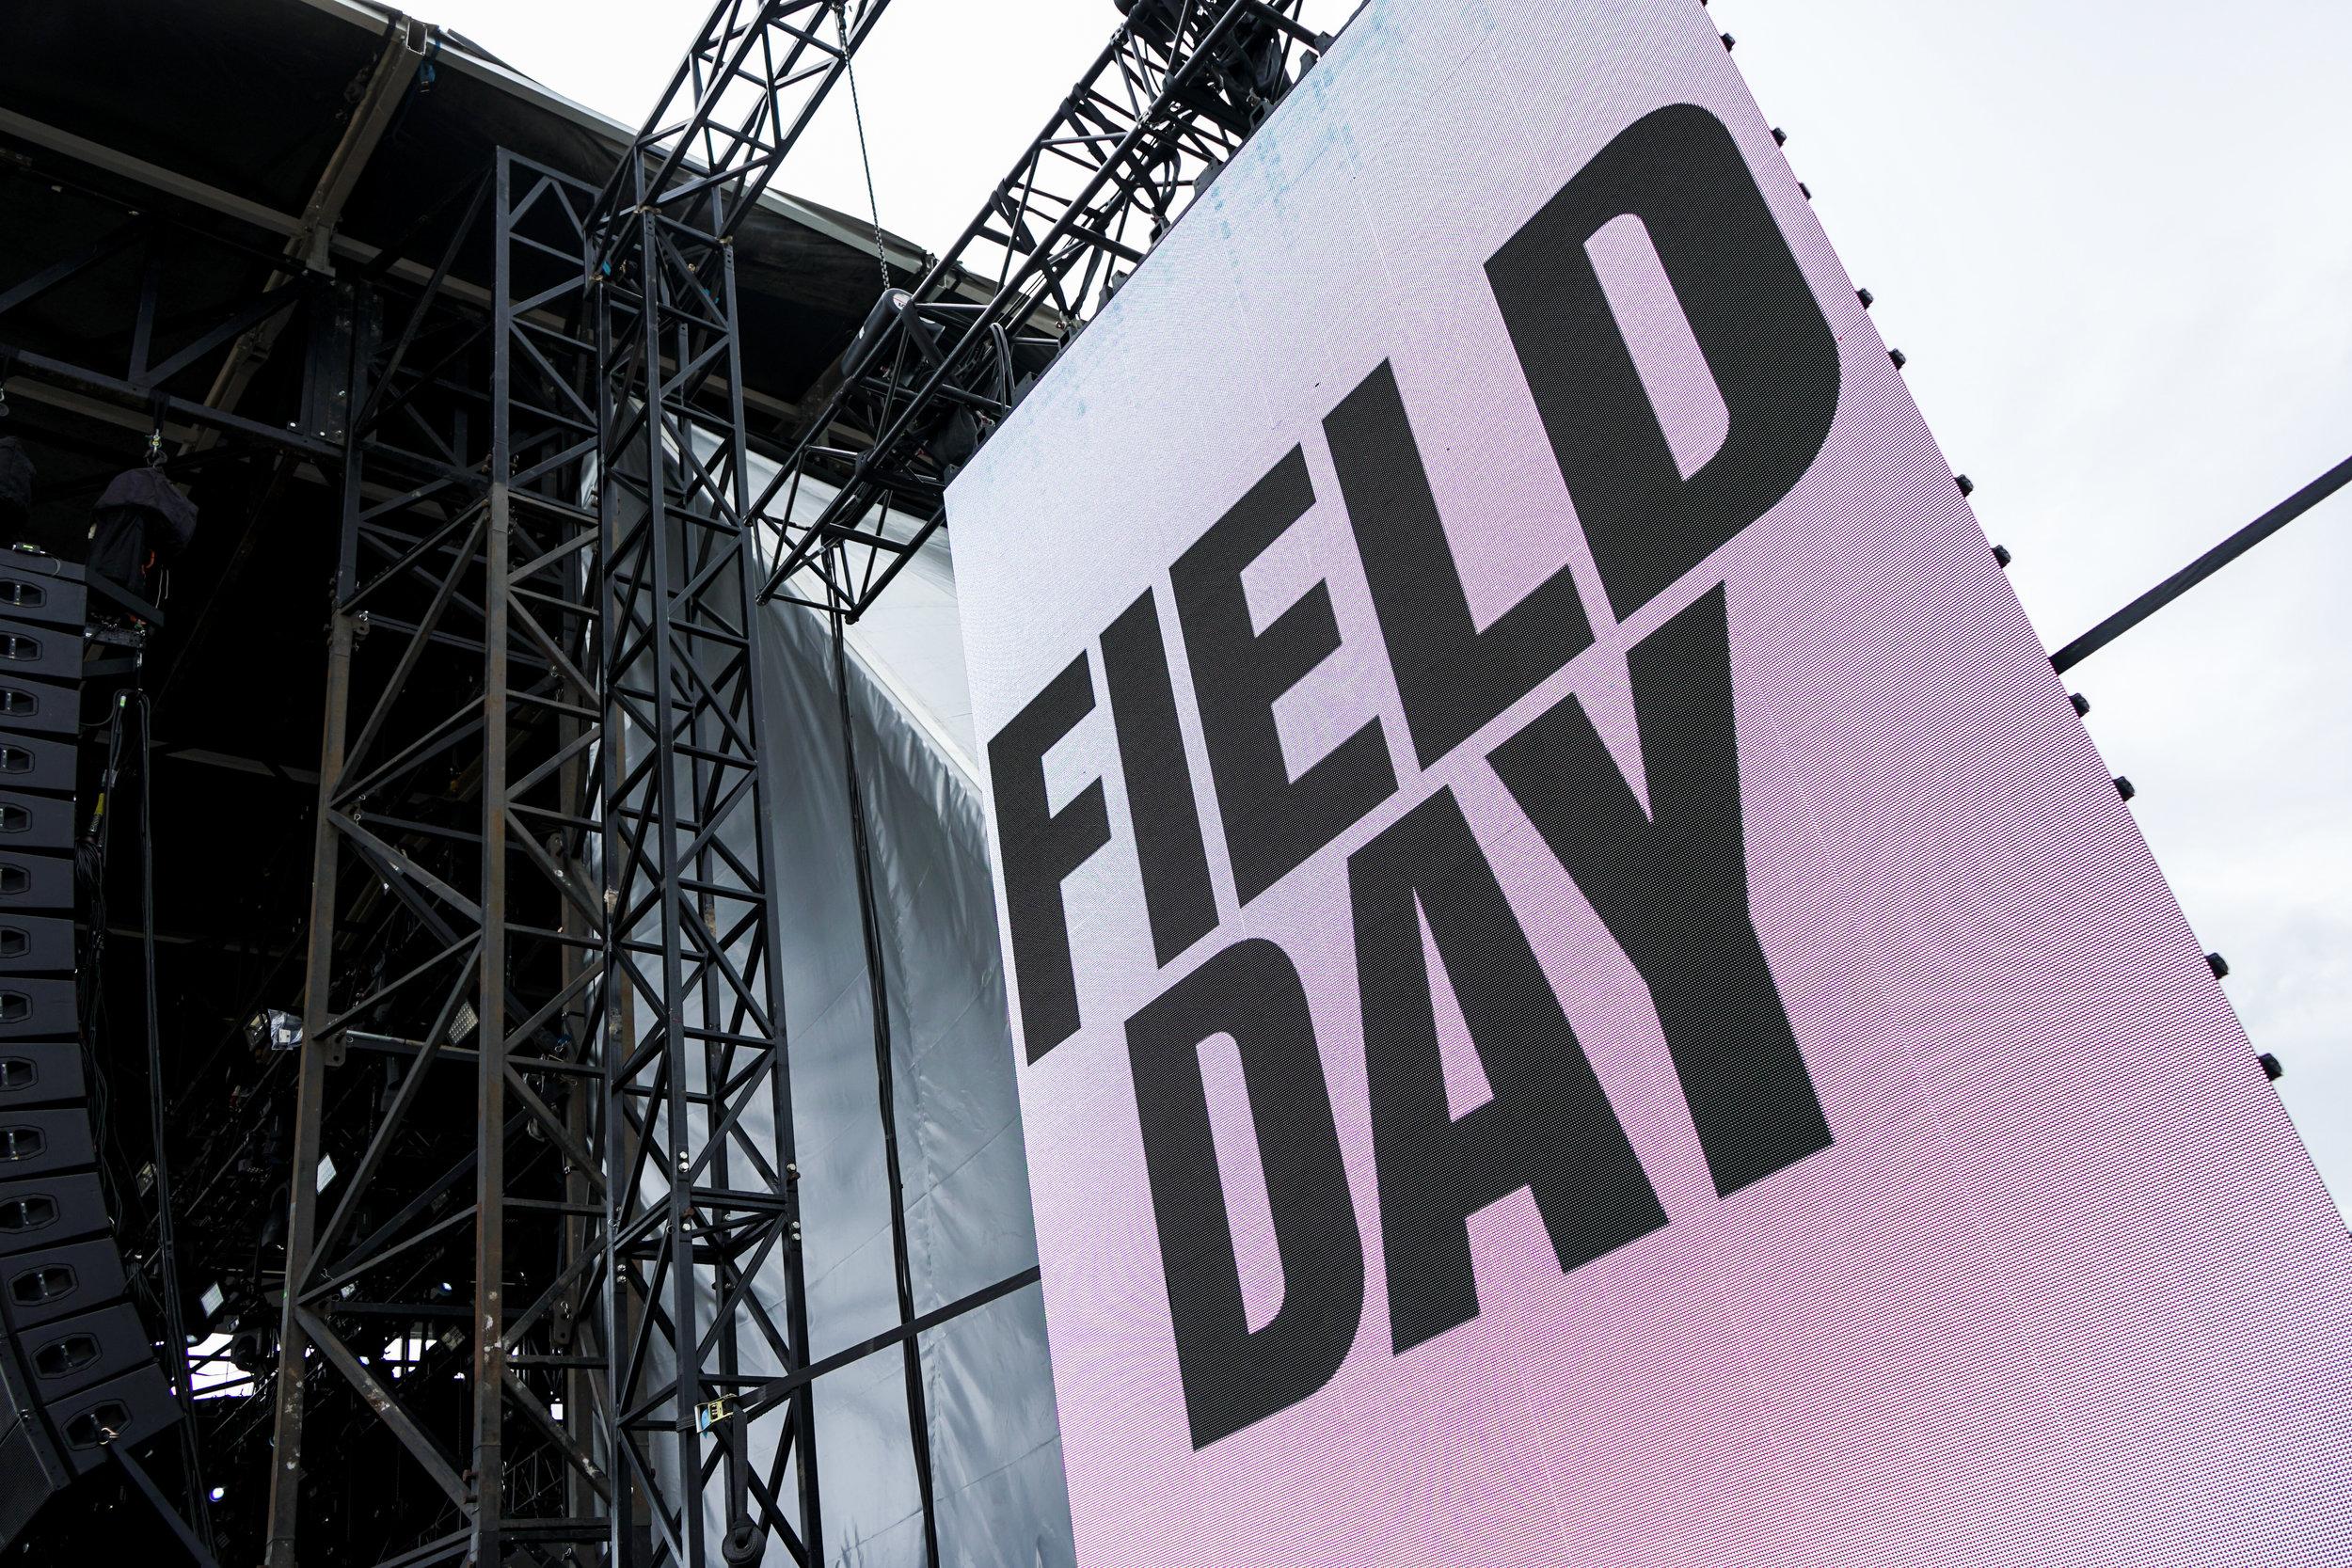 Field day_1_1.jpg